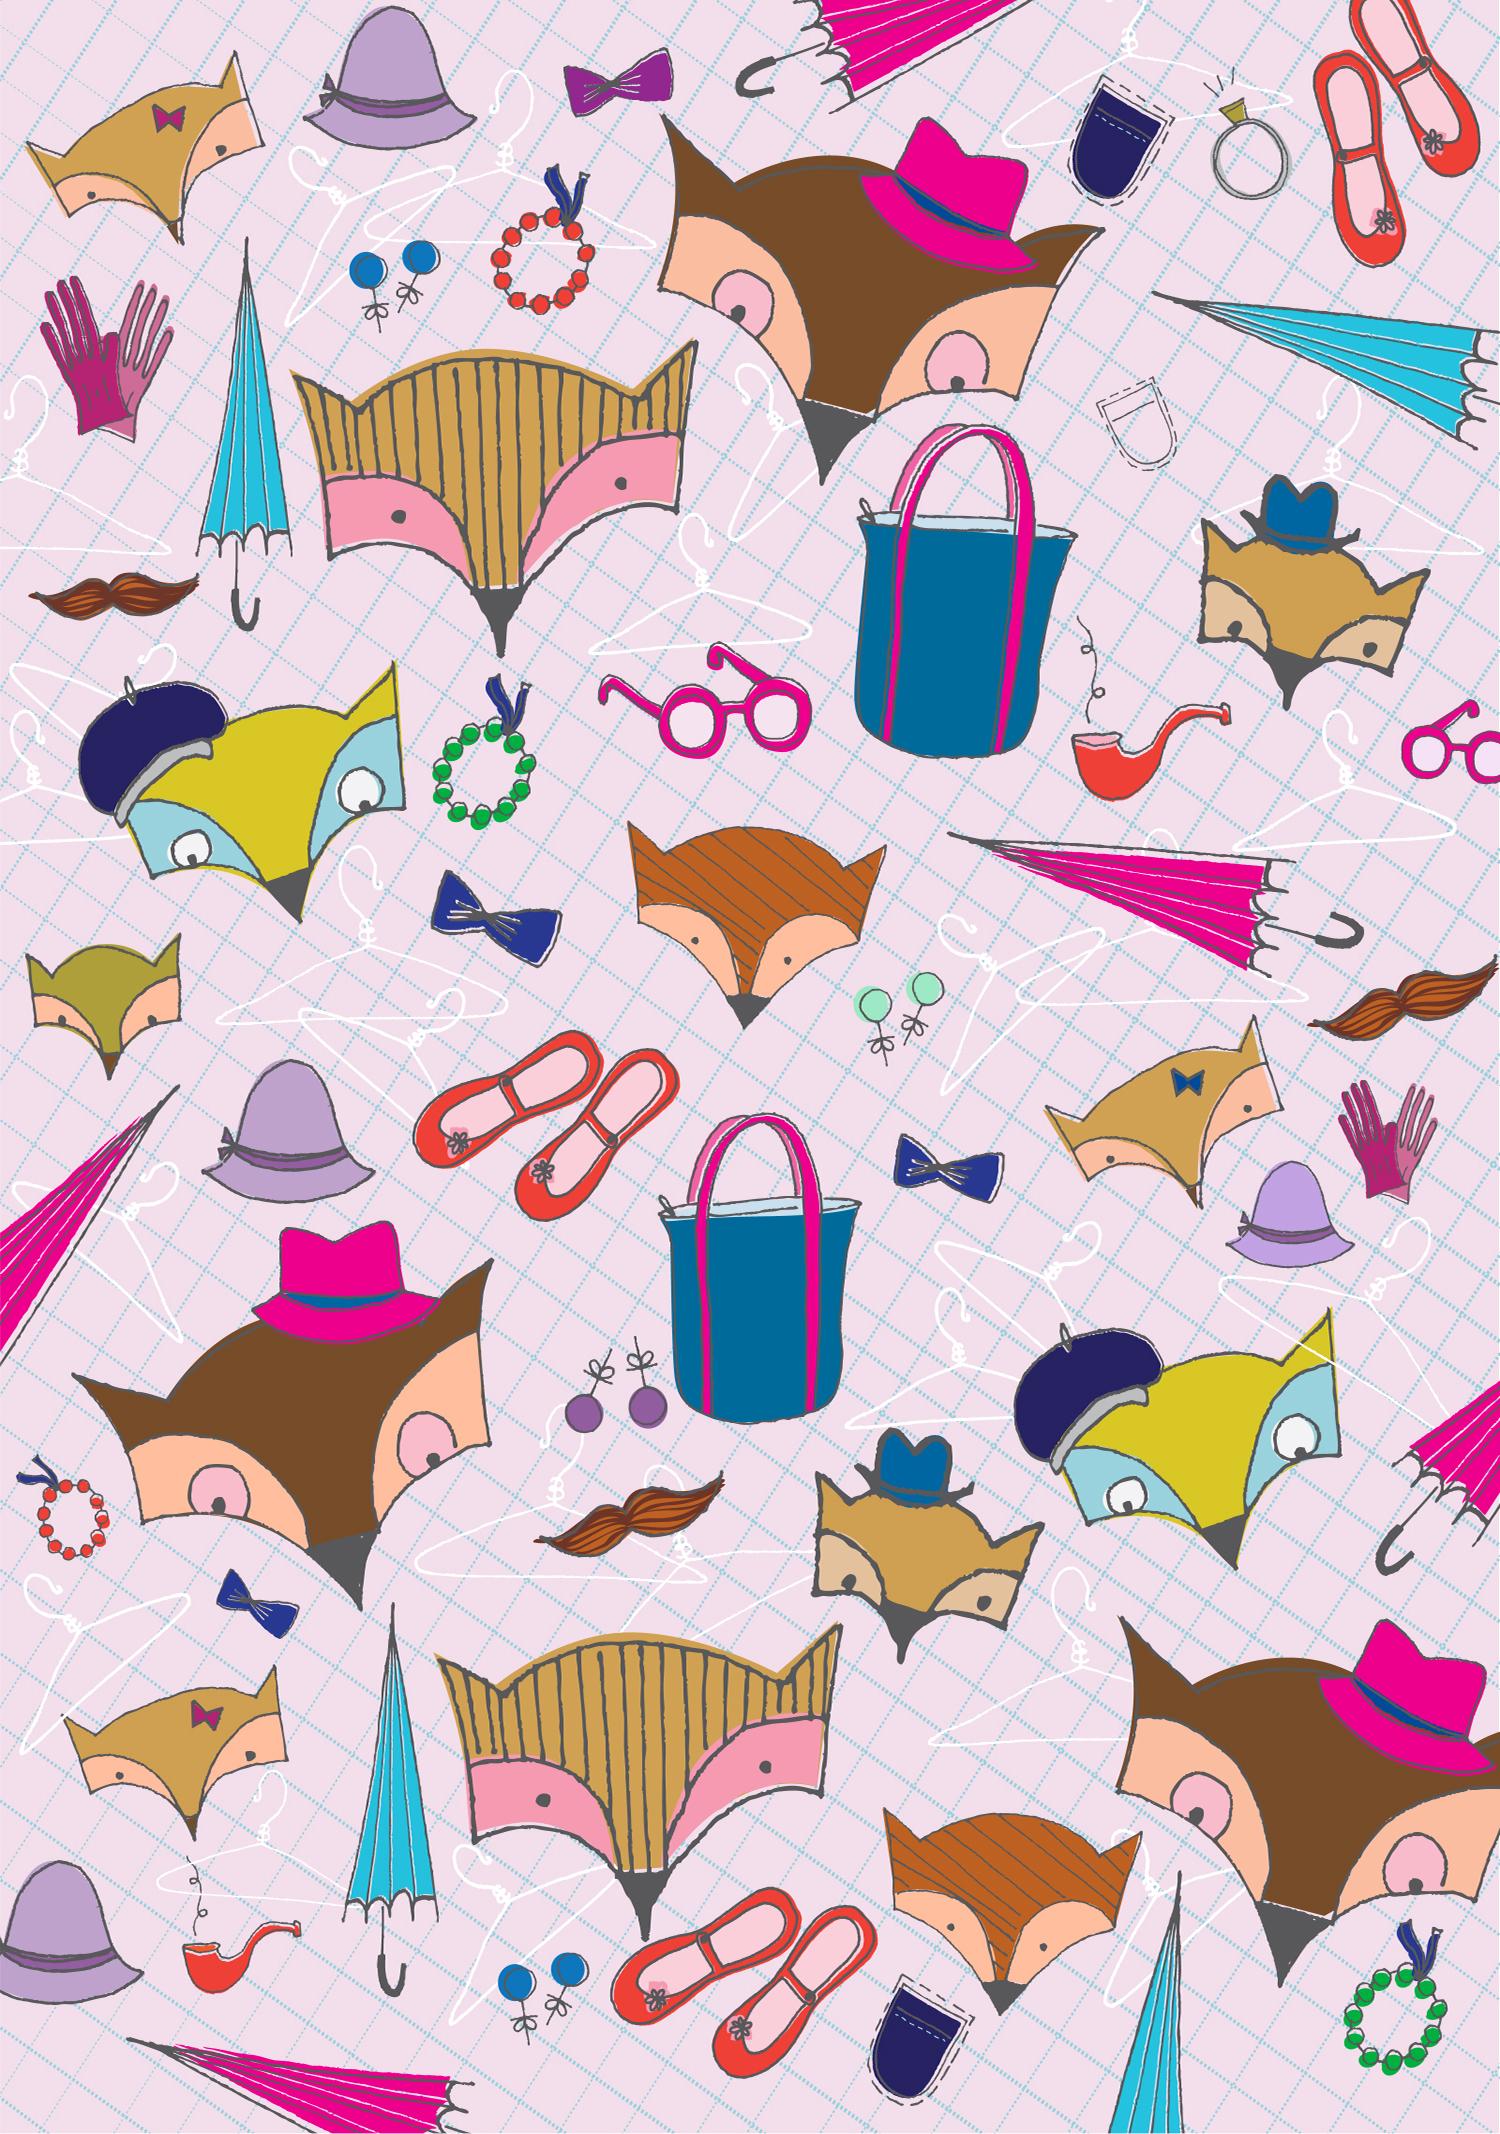 jami_darwin_fox_accessories.jpg